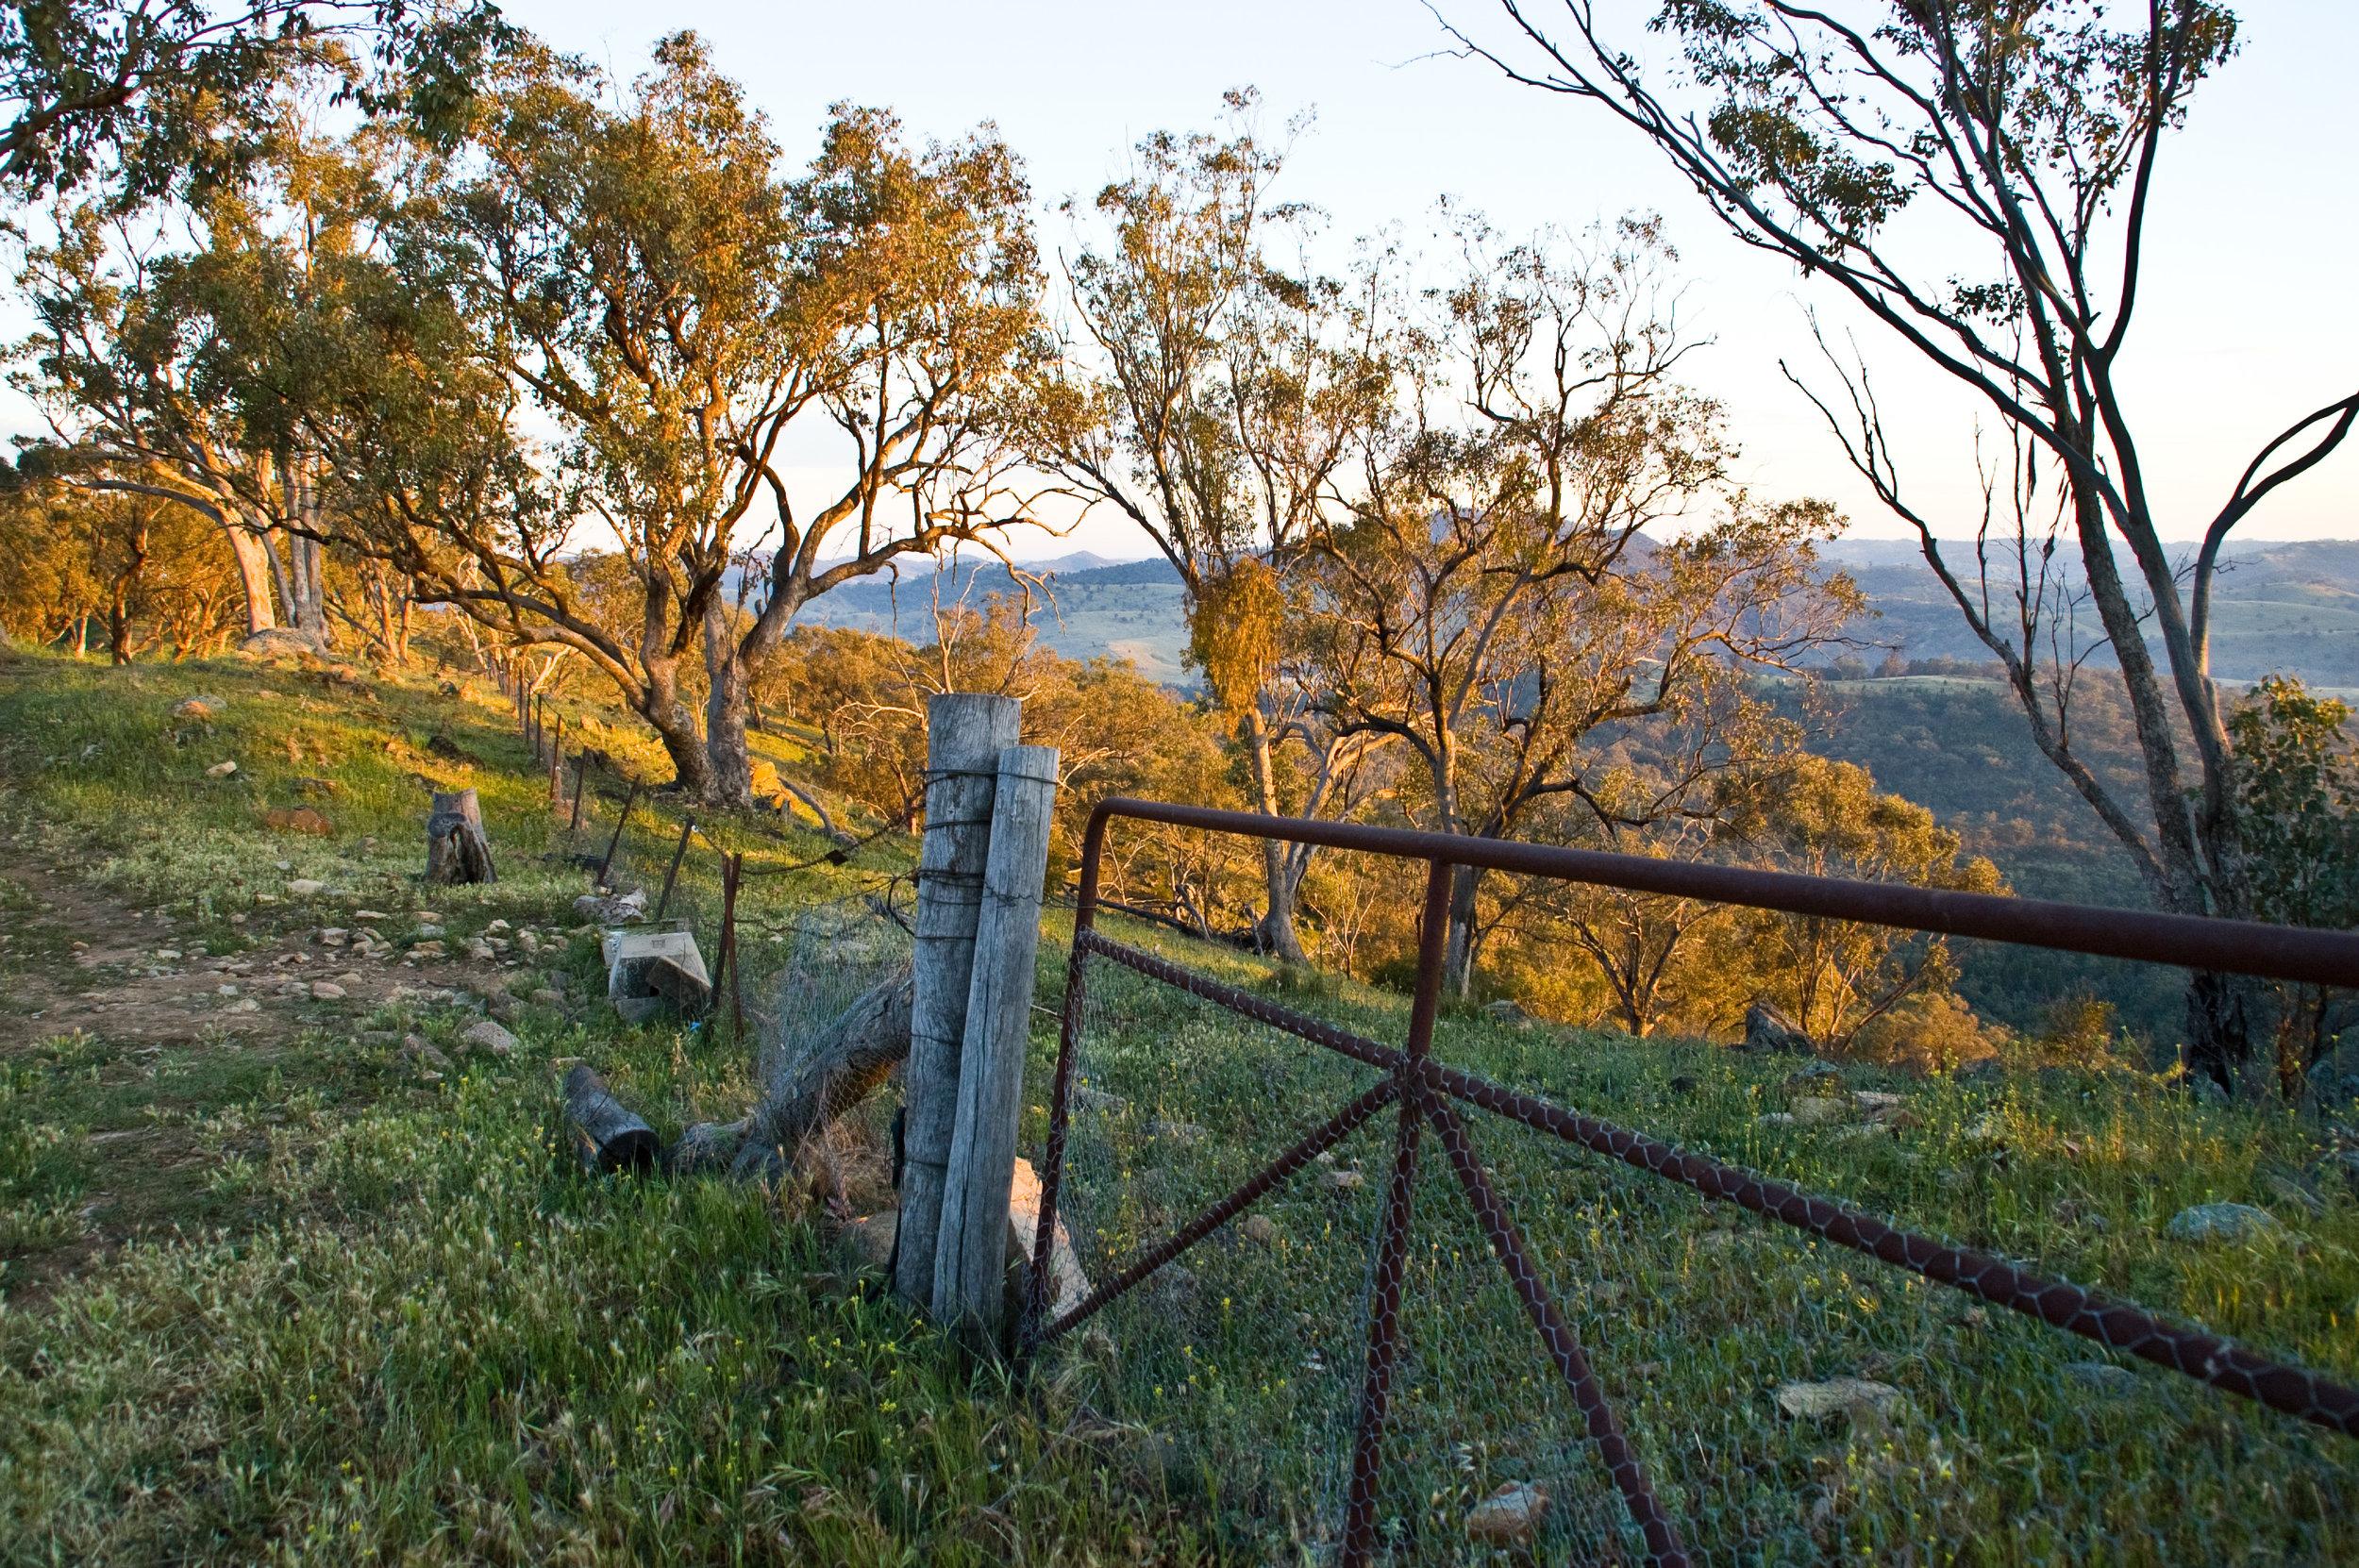 Landscape_0047-HiRes-FMD.jpg